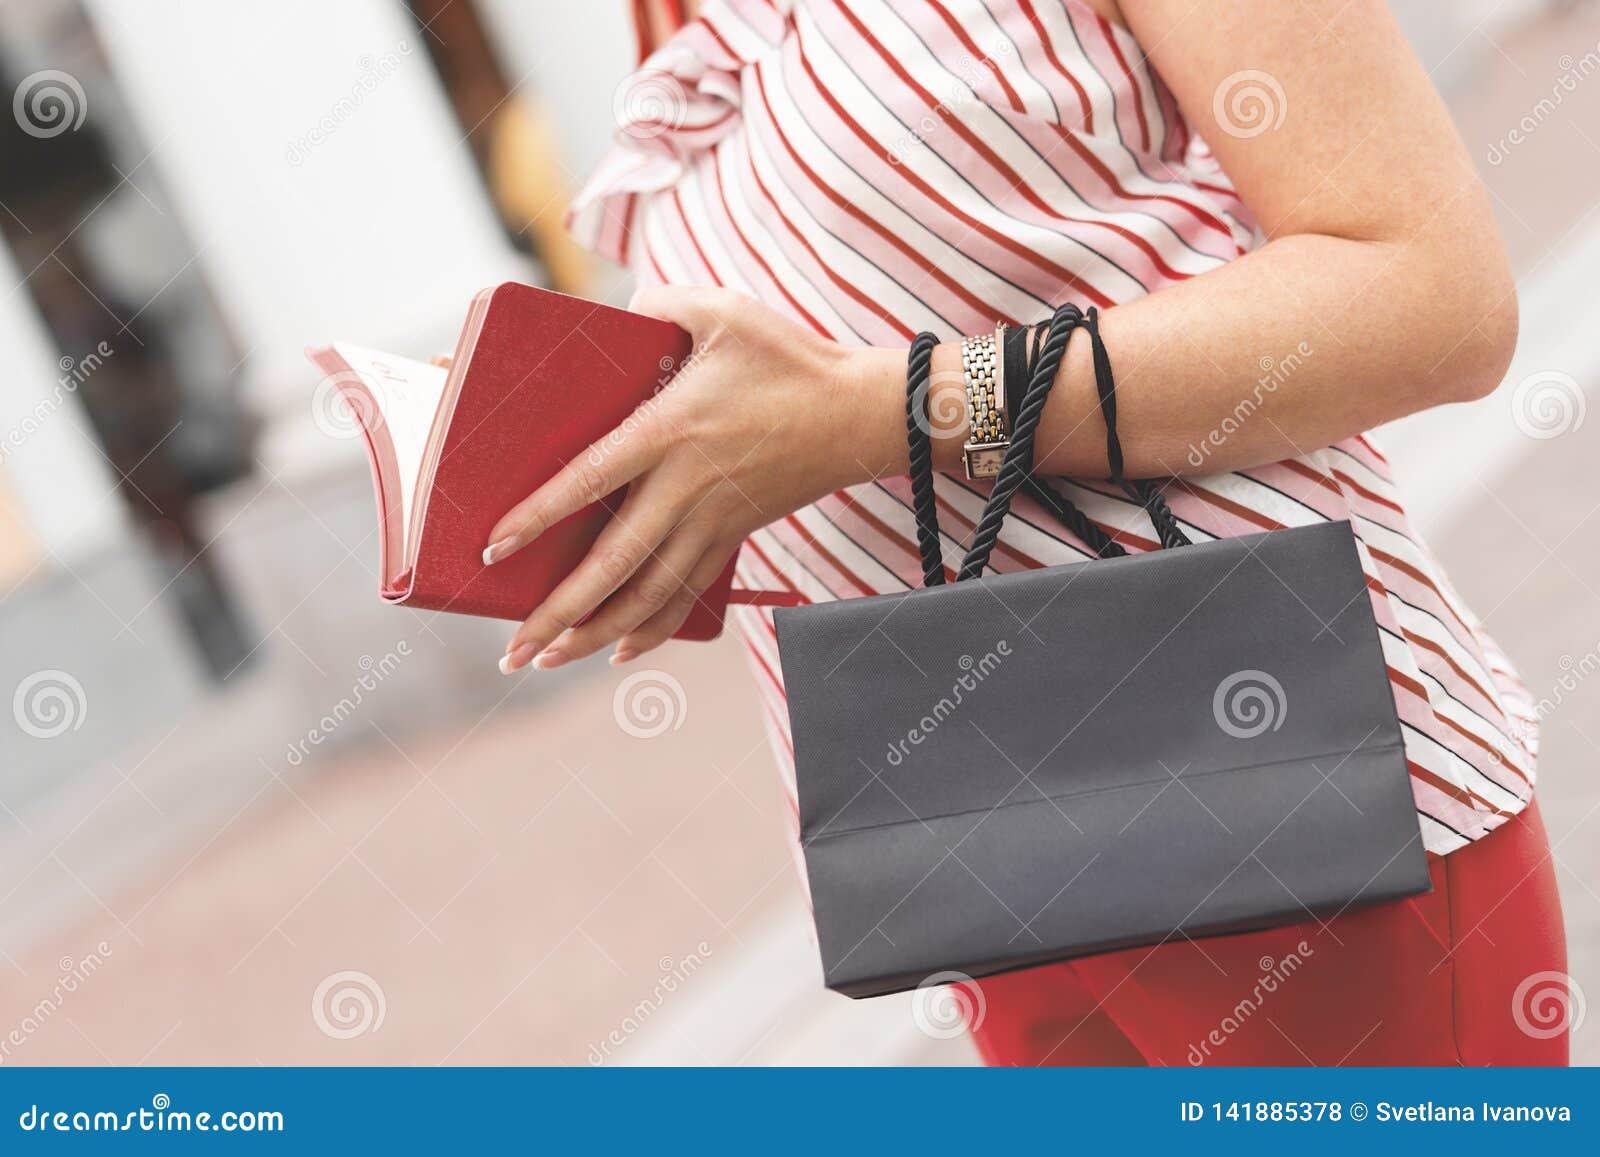 Μια γυναίκα στέκεται με μια μαύρη τσάντα εγγράφου στα χέρια και το μικρό σημειωματάριό της ψωνίζοντας λευκή γυναίκα ποδιών έννοια